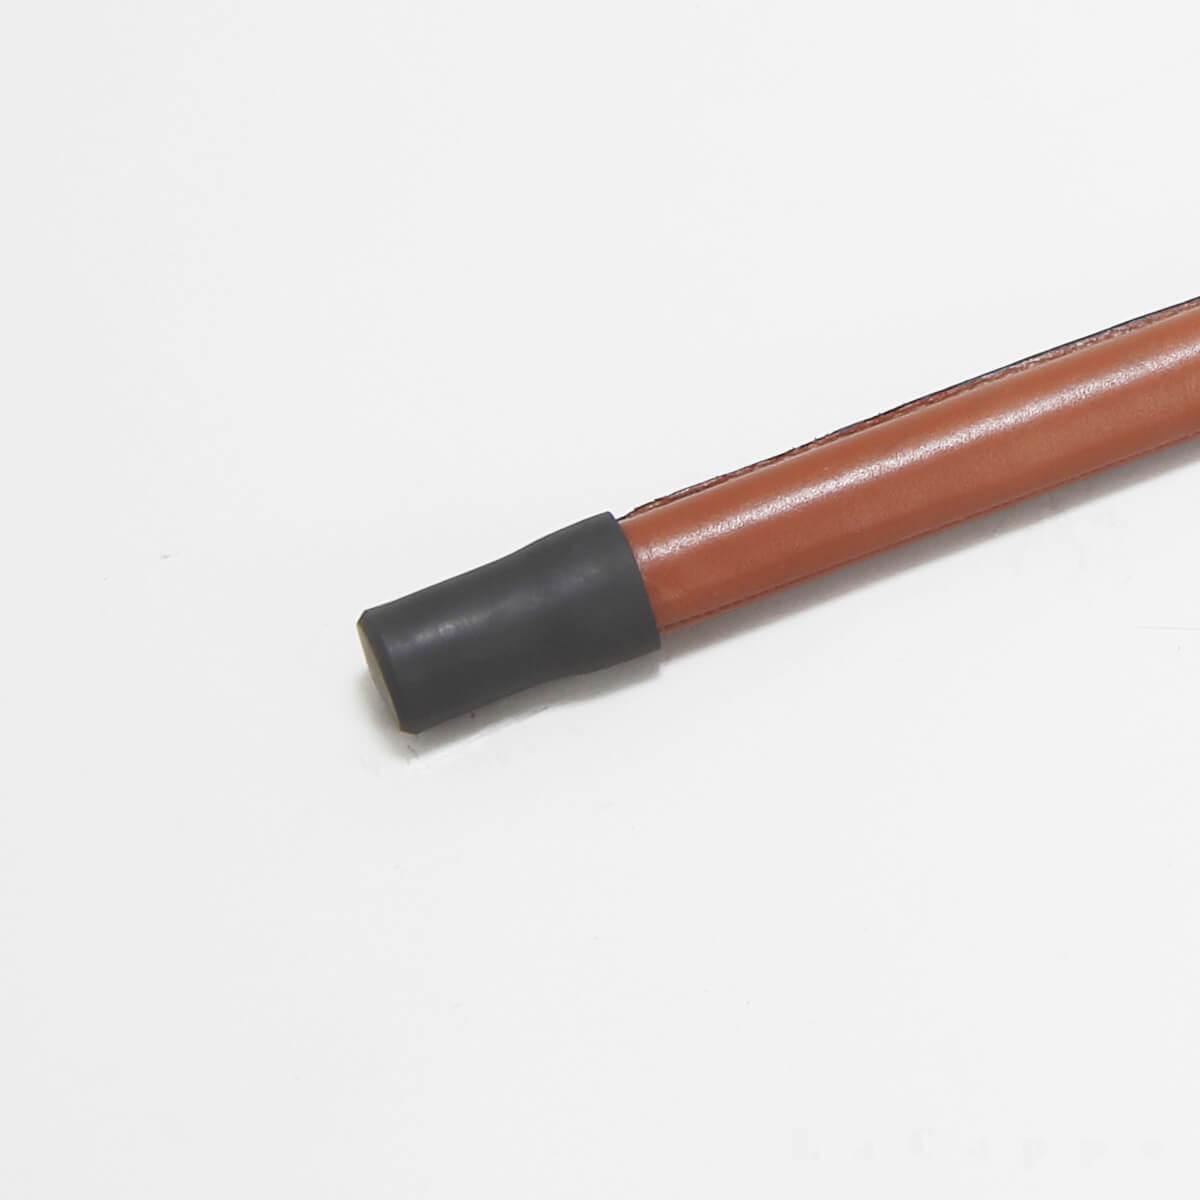 秋冬商品No10:紳士用ステッキ(牛革大曲り・ランプブラック・マロンブラウン・職人の手縫製品・イタリア革)